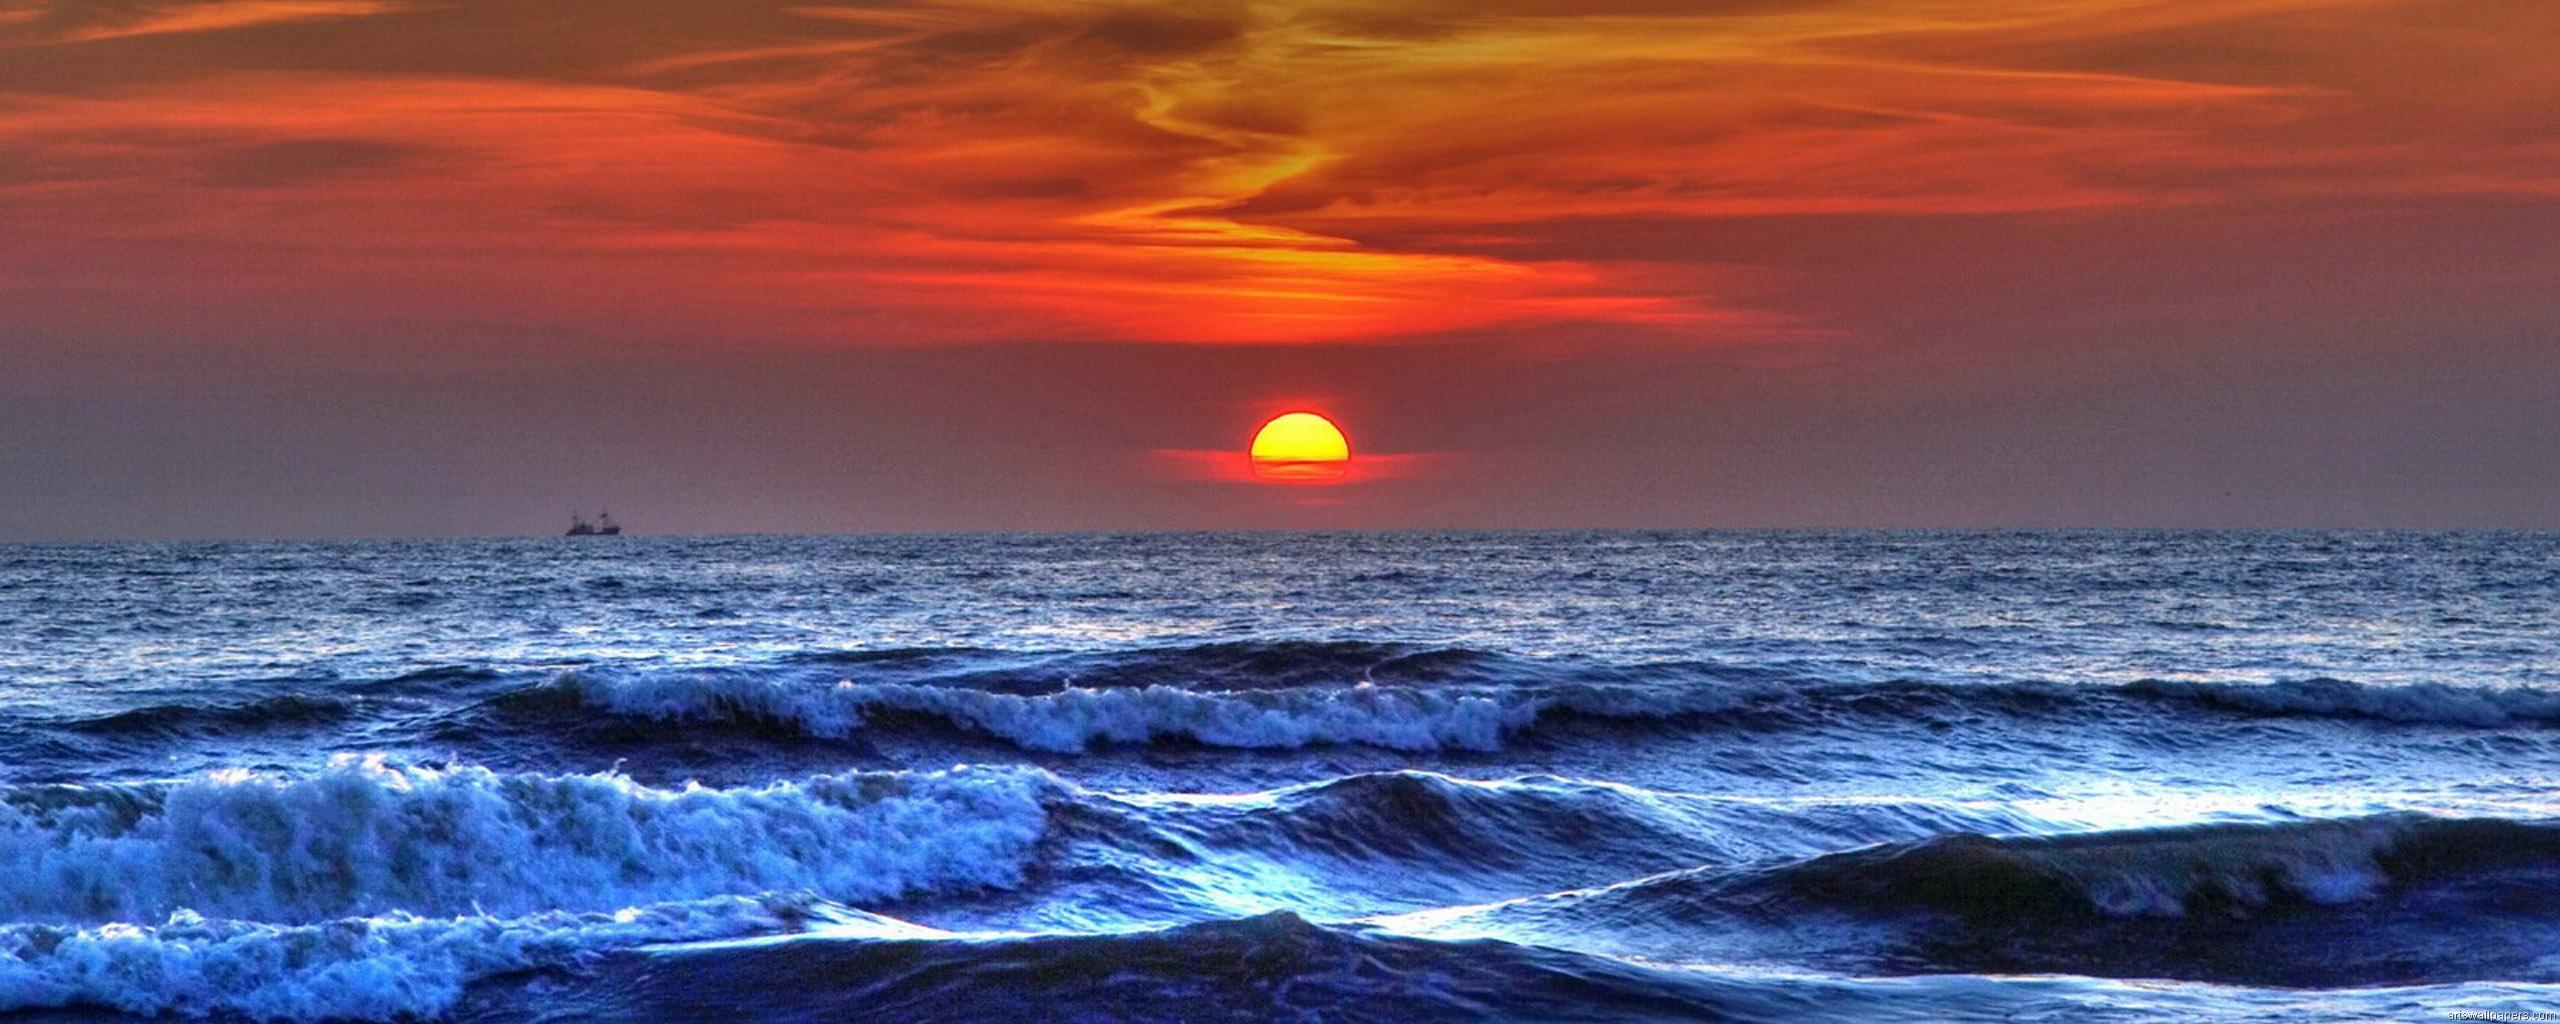 Beautiful Sea Waves Sunset